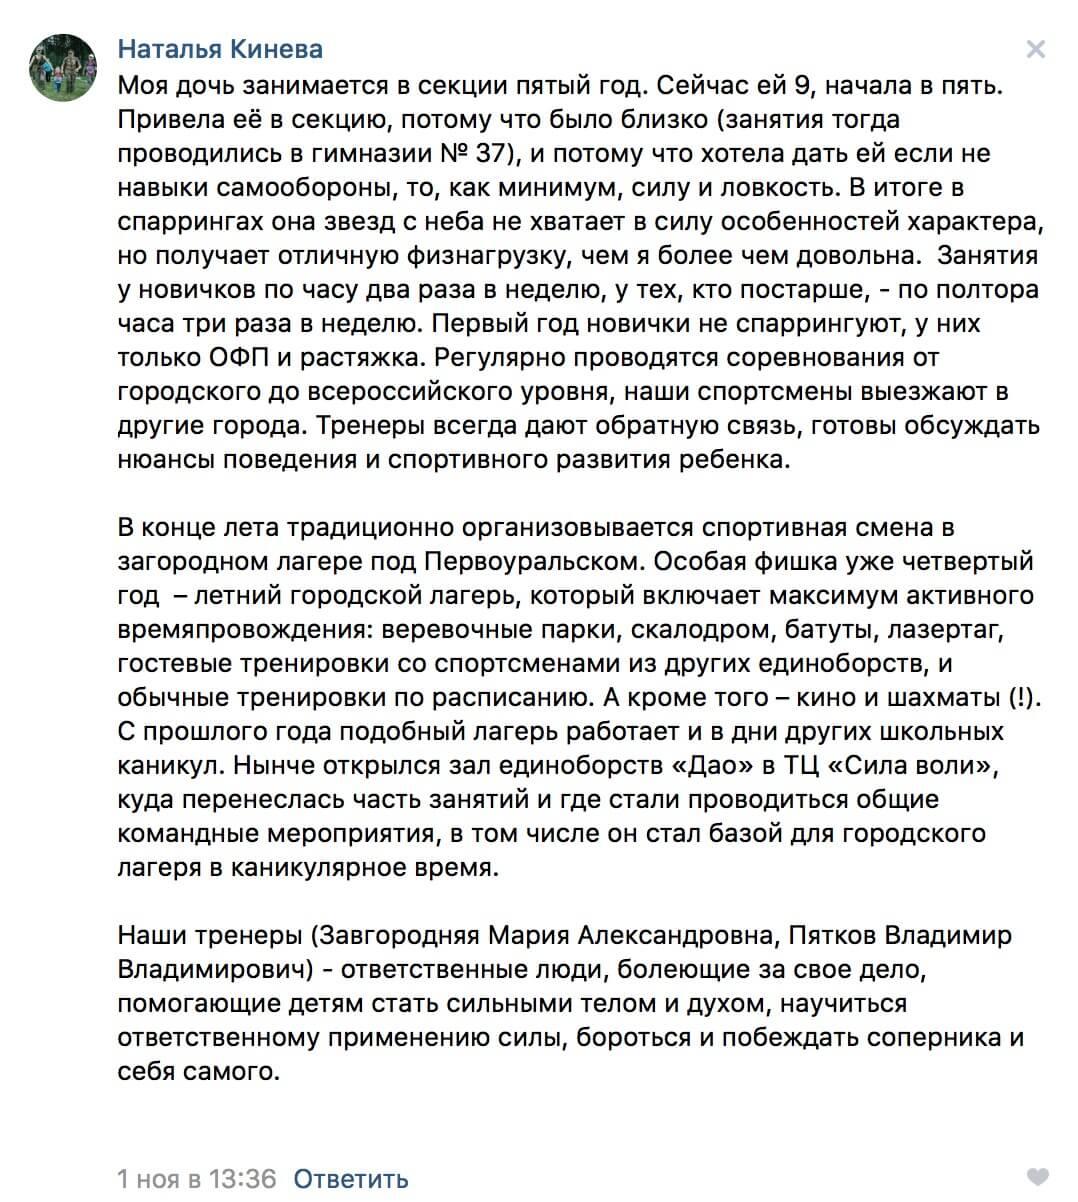 Отзыв от Натальи Киневой